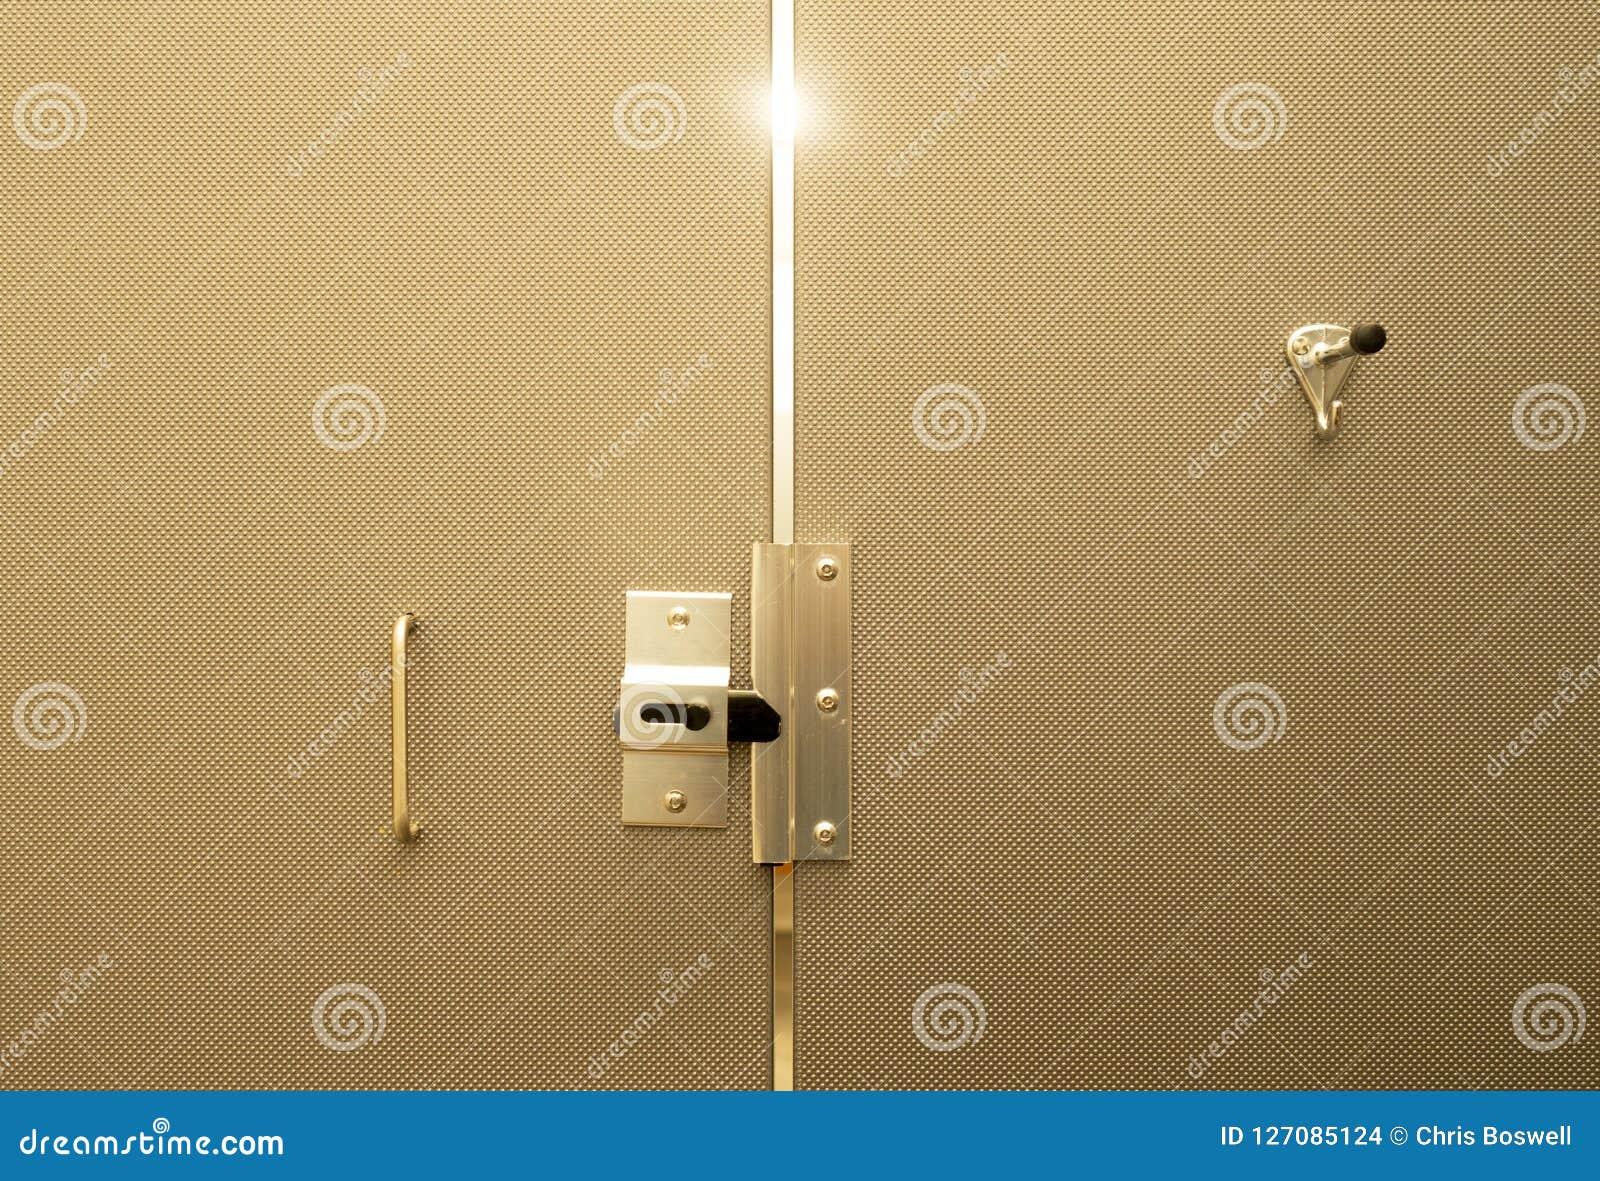 Goldfertige Badezimmer-Tür-Versammlungs-Haken Griff Und Klinke ...